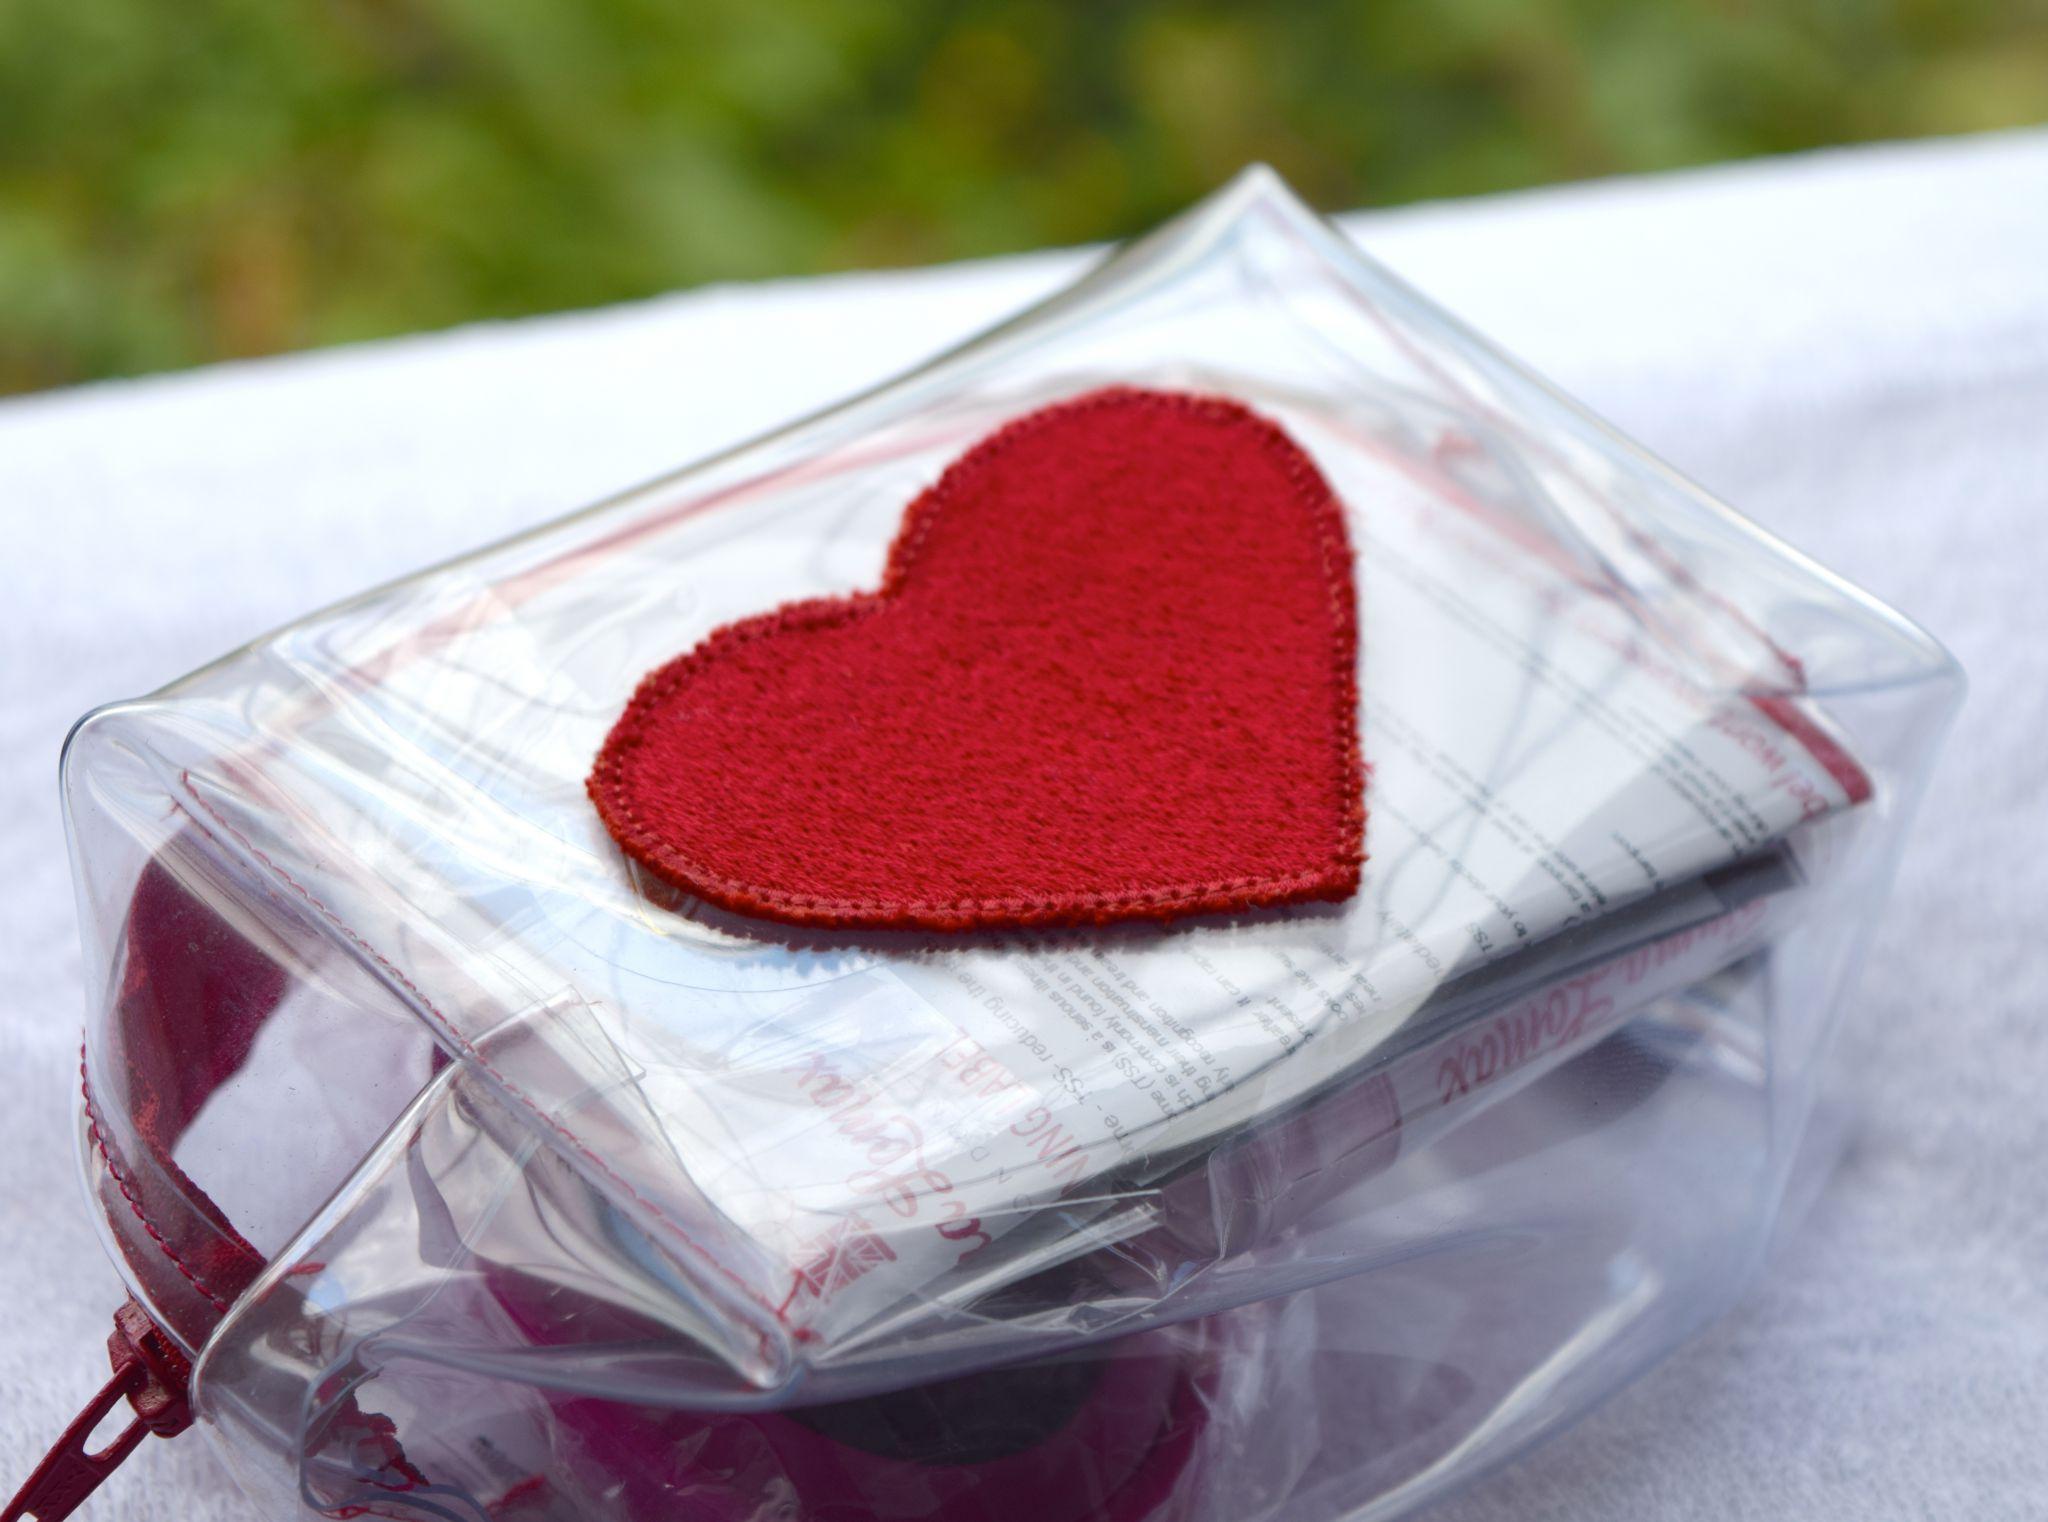 Sewlomax Heart me Beauty SOS kit